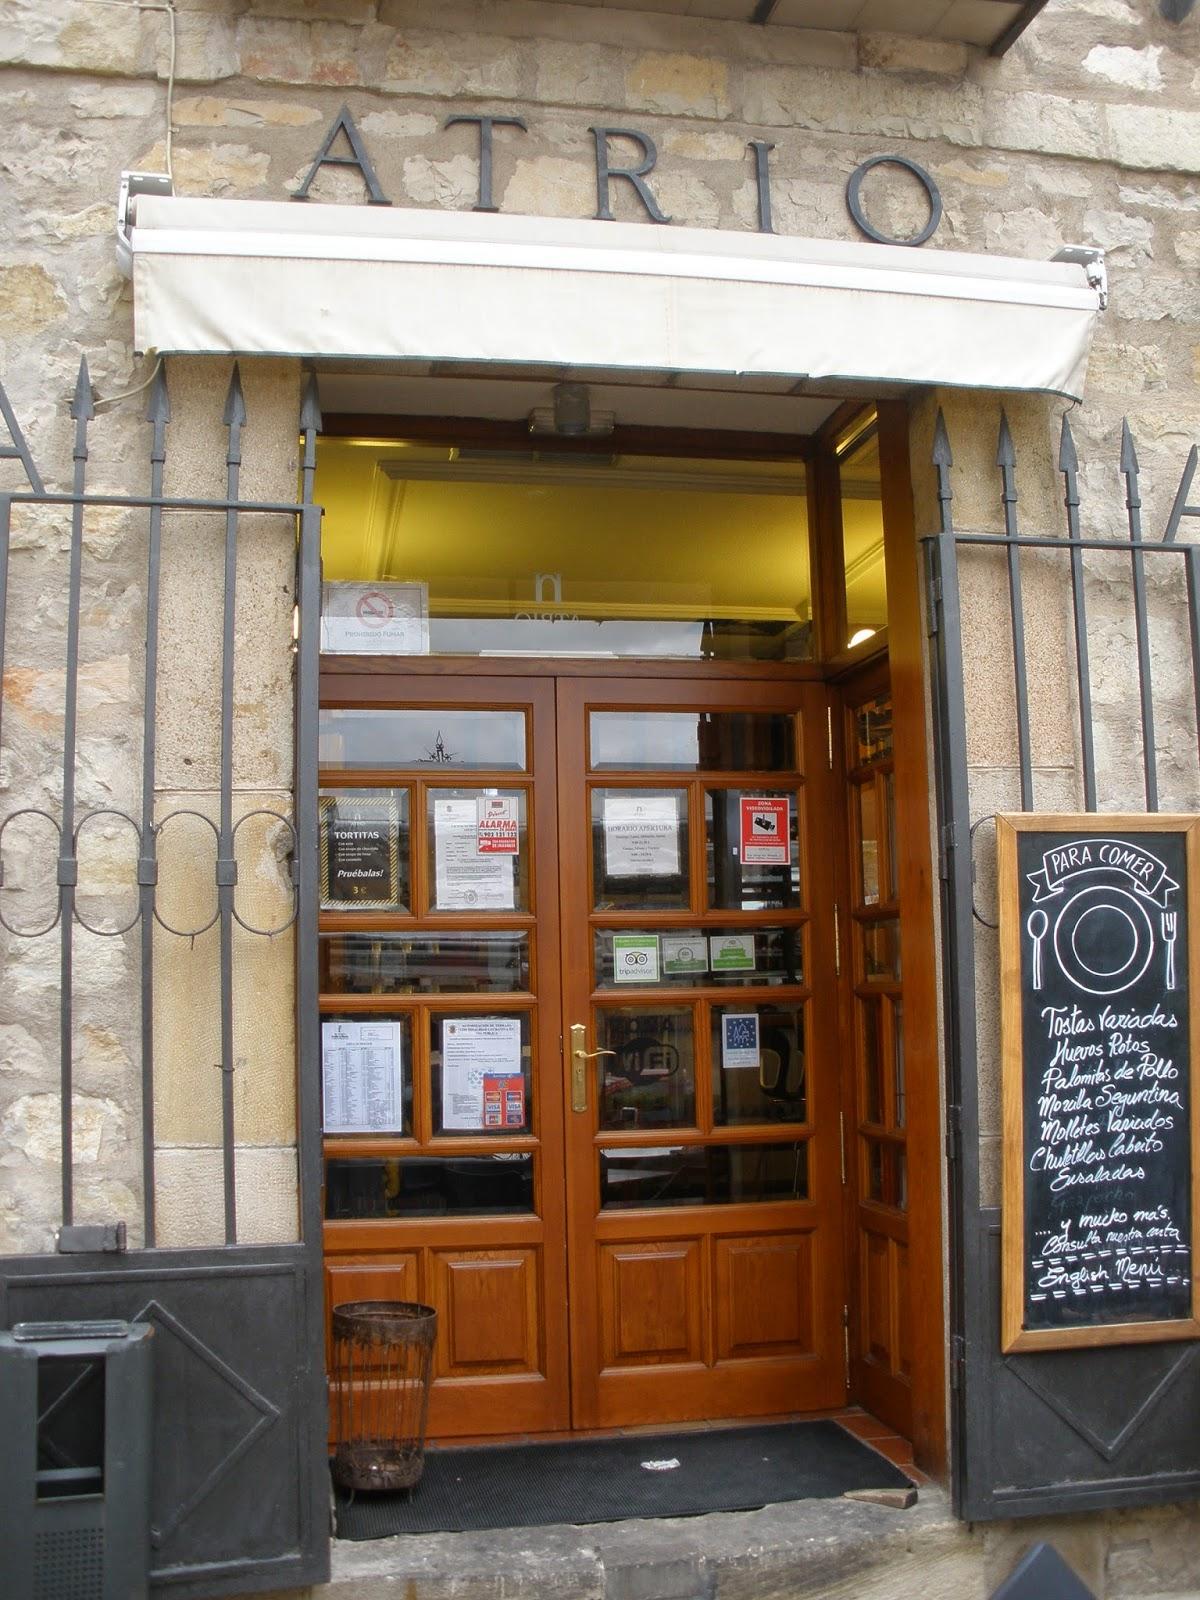 Bar El Atrio, podrás degustar torreznos y comida típica de la zona.